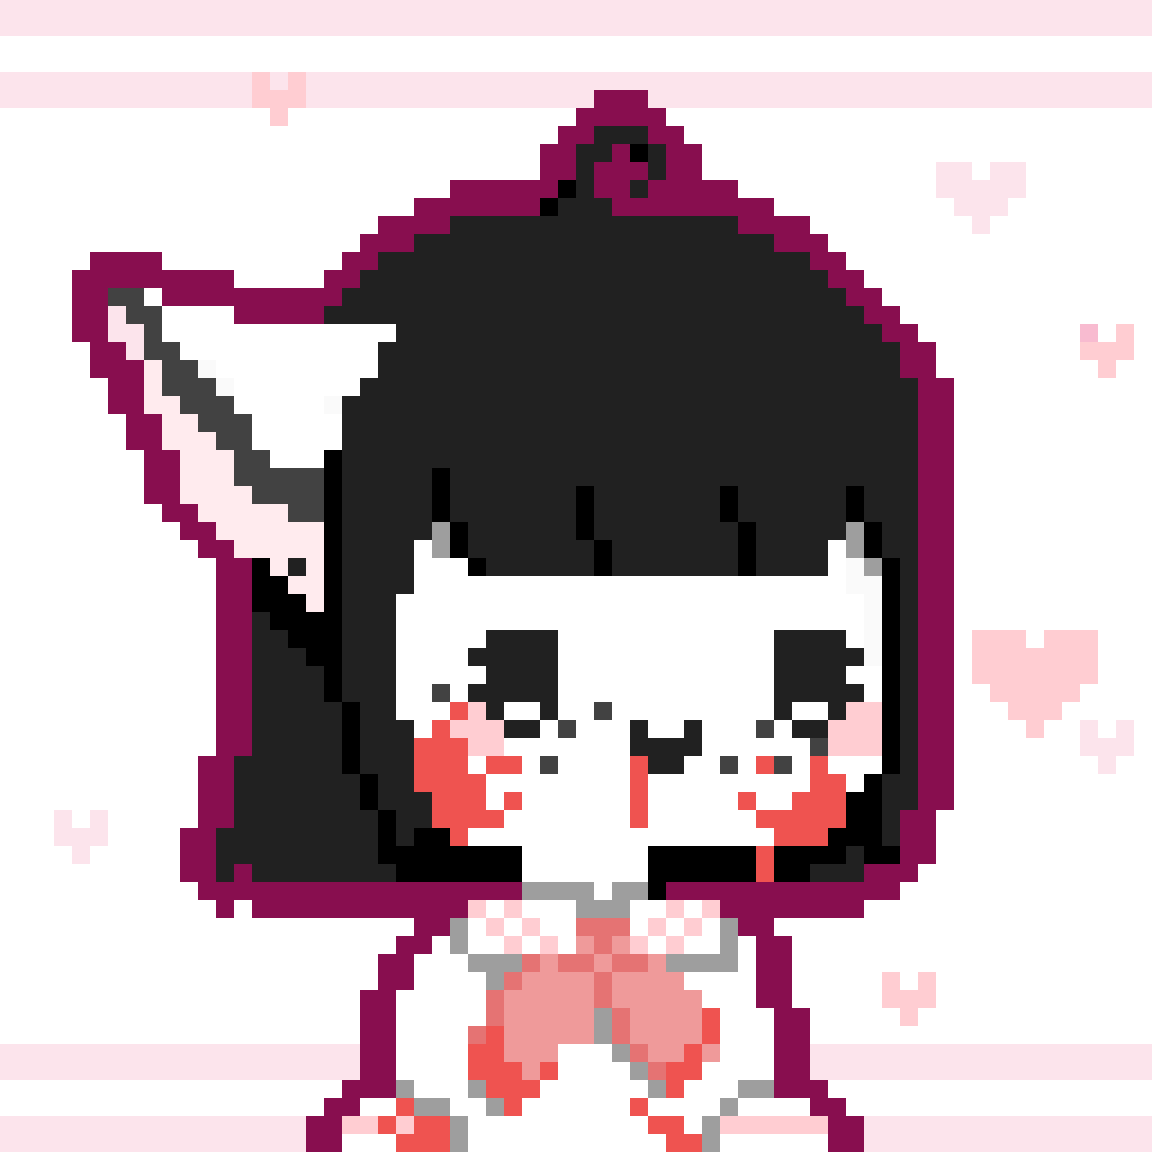 My cute yandere oc  by Ttalgi-Chan